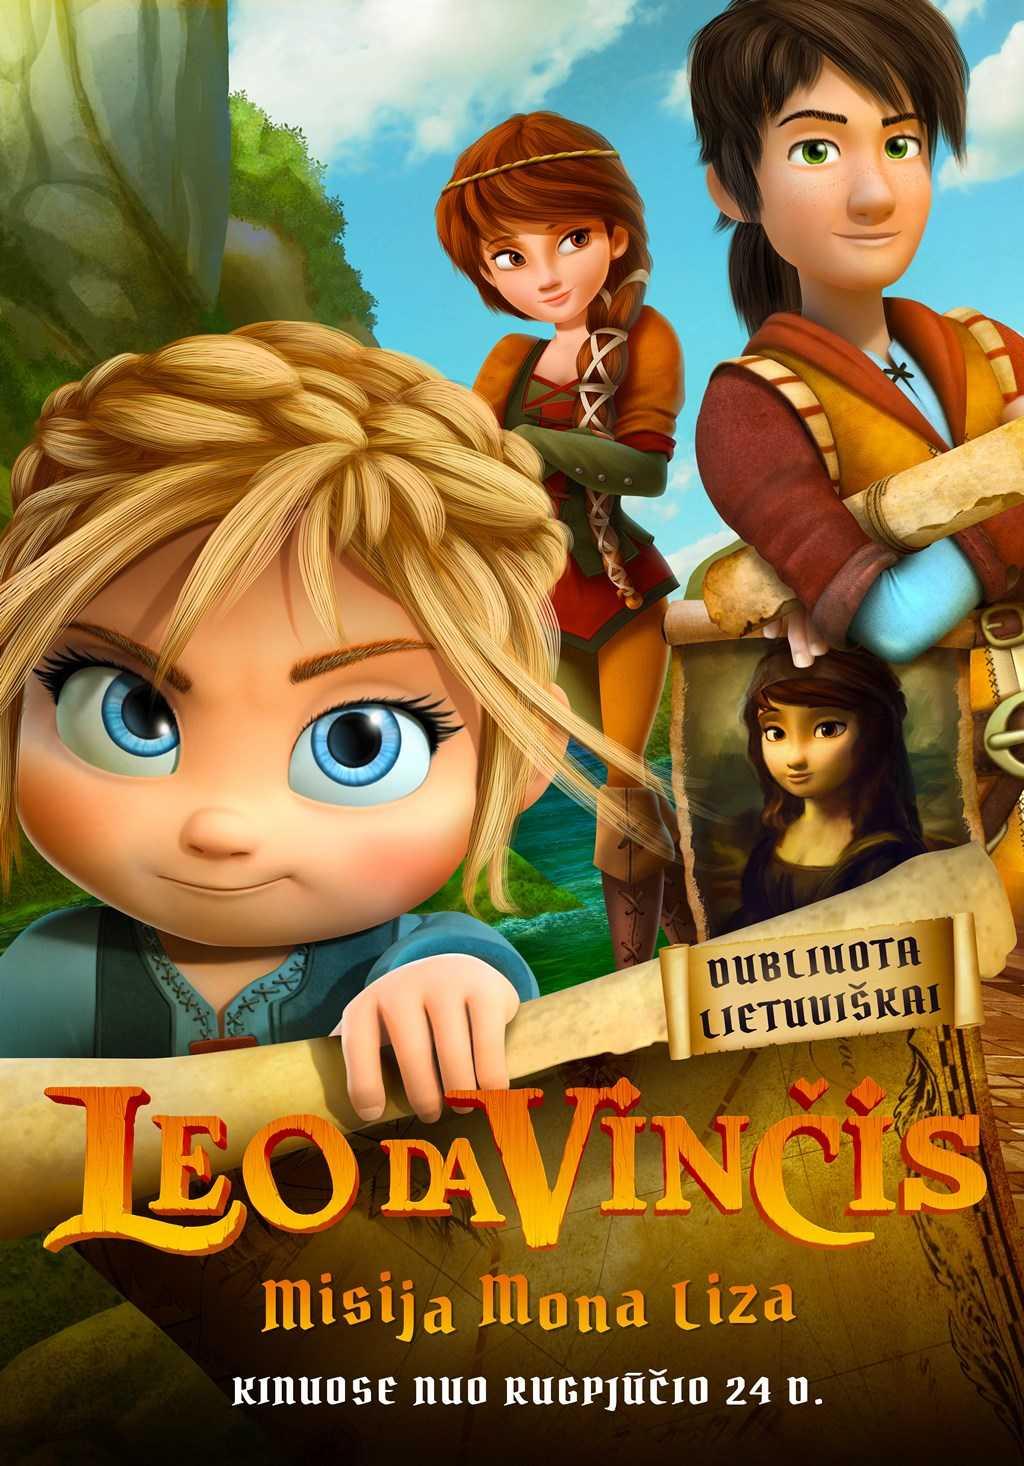 Leo da Vinčis: Misija Mona Liza (Leo Da Vinci: Mission Mona Lisa)